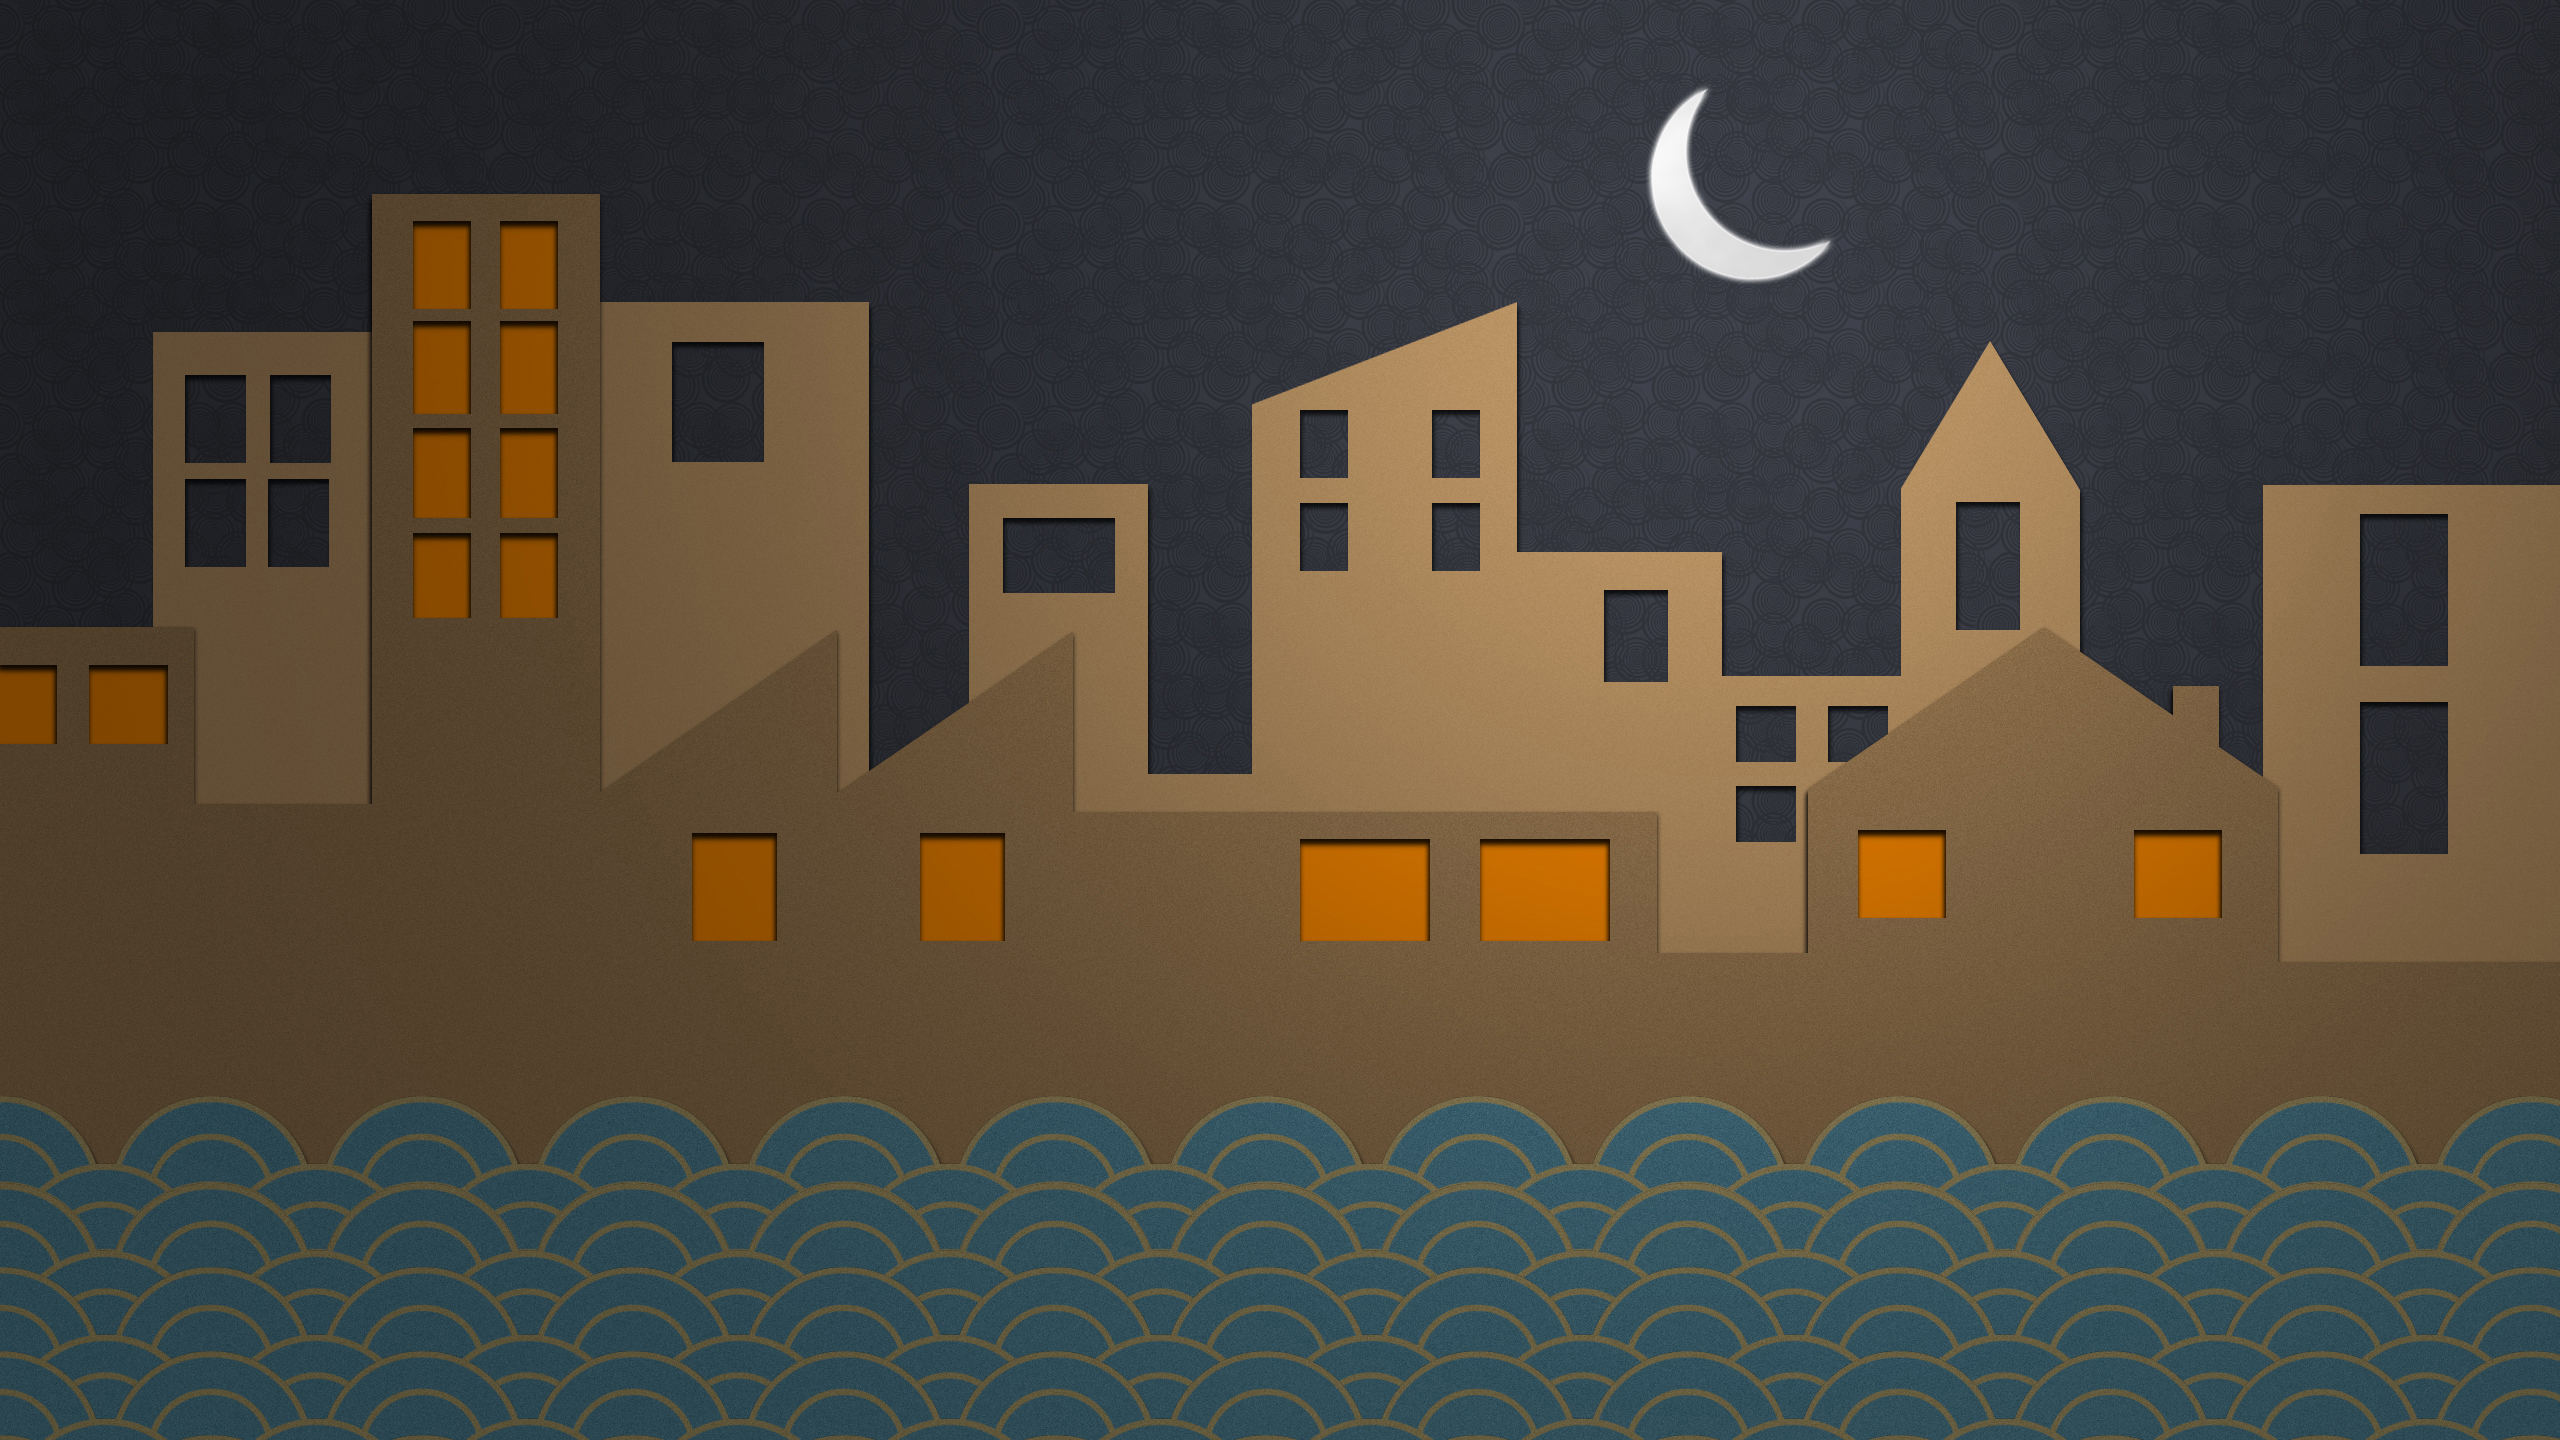 creative moon city wallpaper wallpapers walls 1920x1080 2560x1440